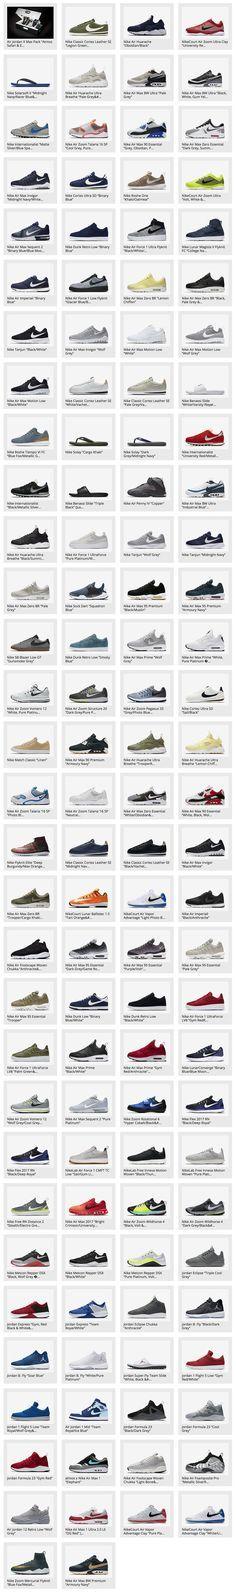 122 Nike & Jordan Brand Sneakers That Recently Released in Europe